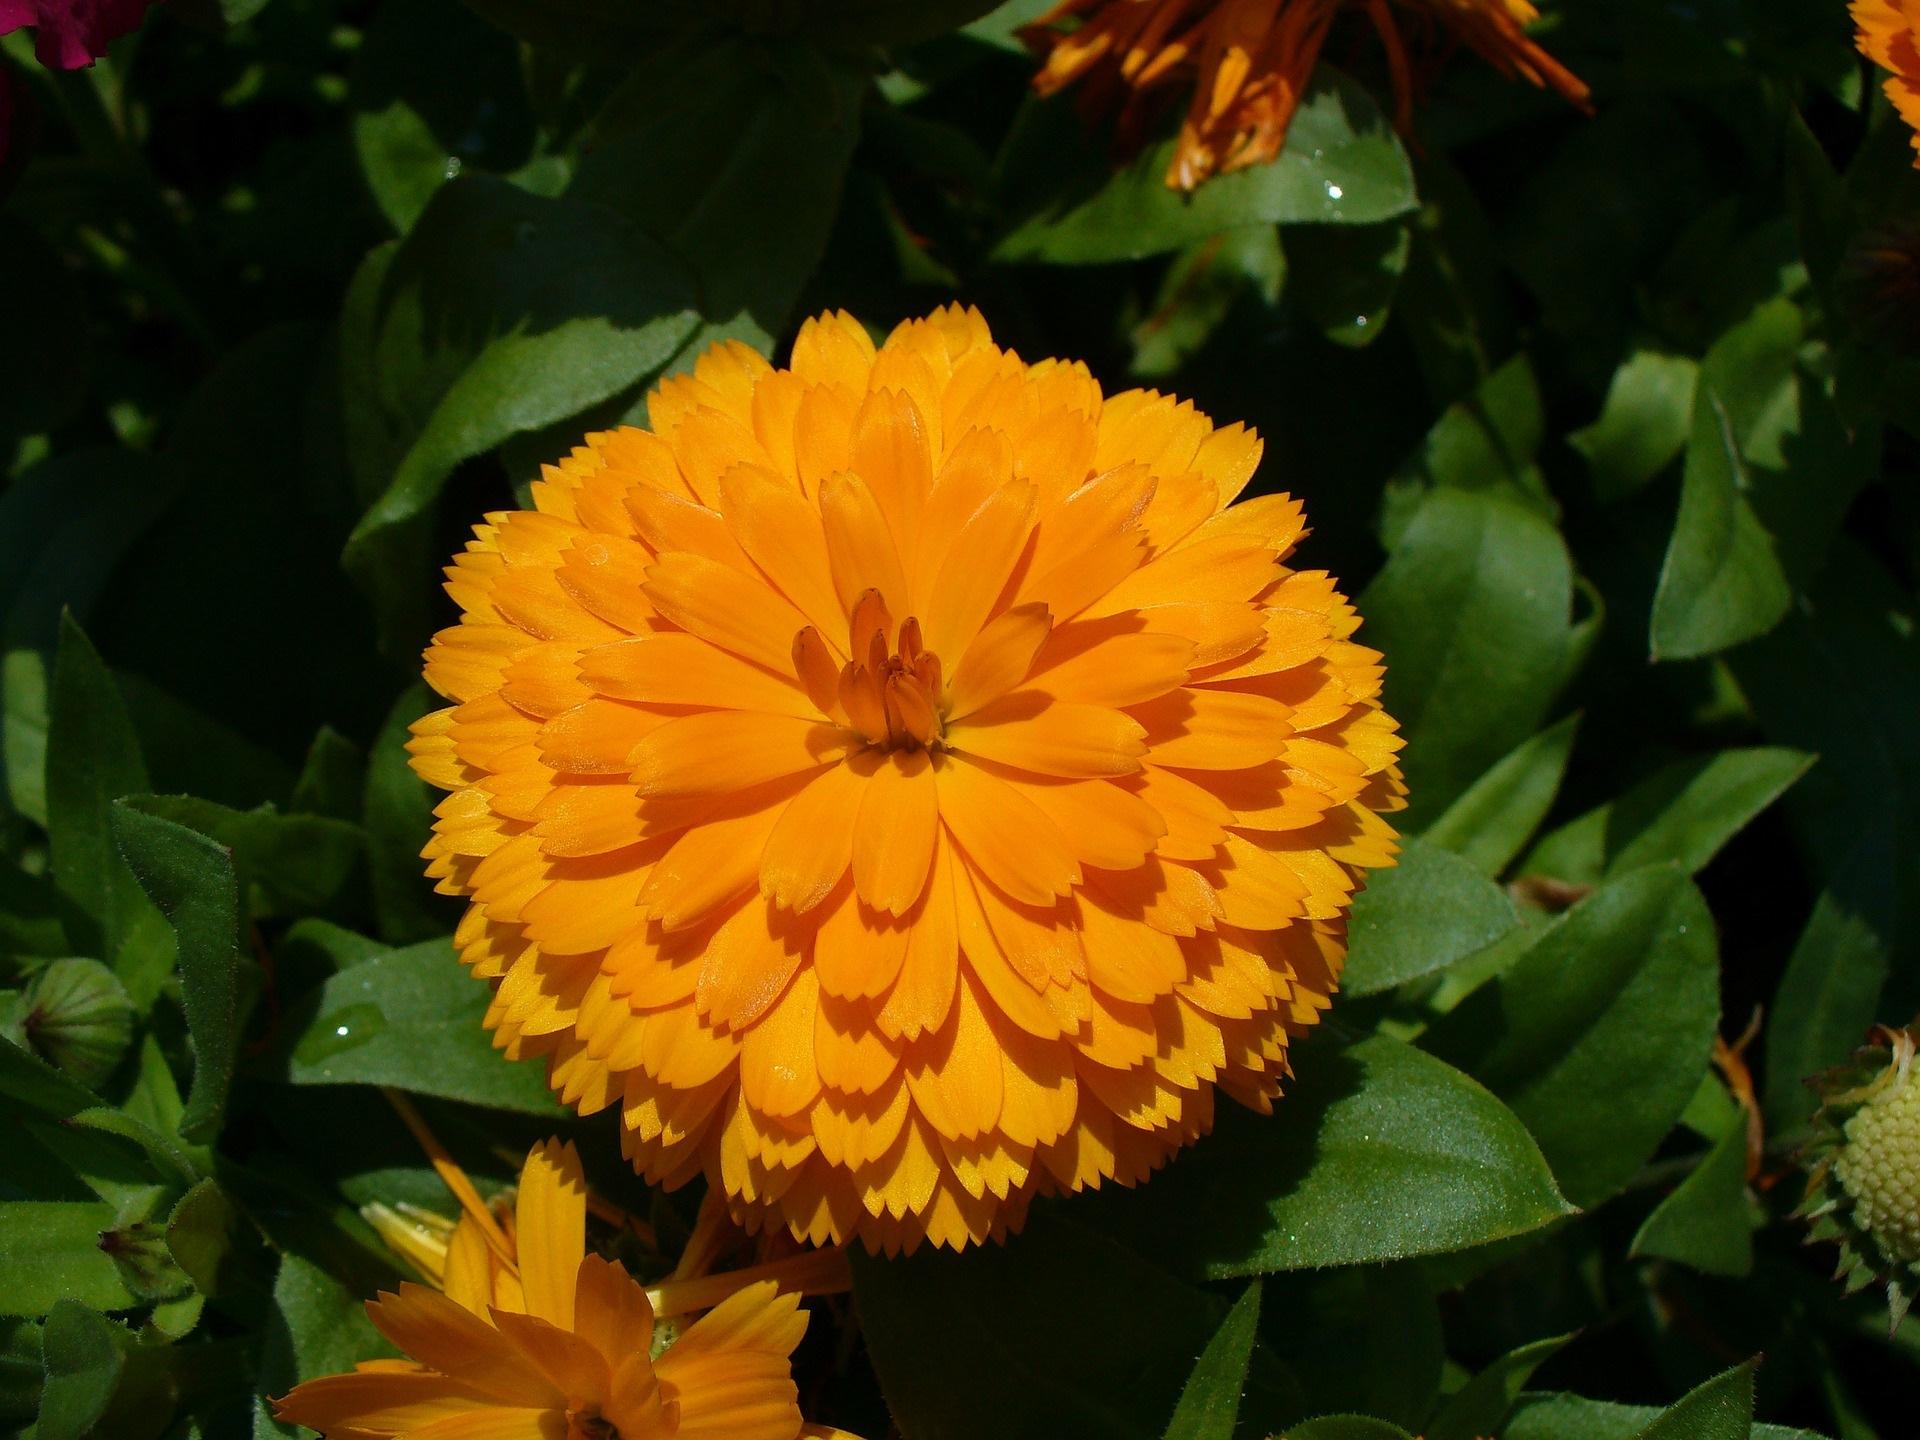 ดื่มแล้วดี! 5 ชาดอกไม้ ตัวช่วยสุขภาพดี ที่หลายคนยังไม่รู้